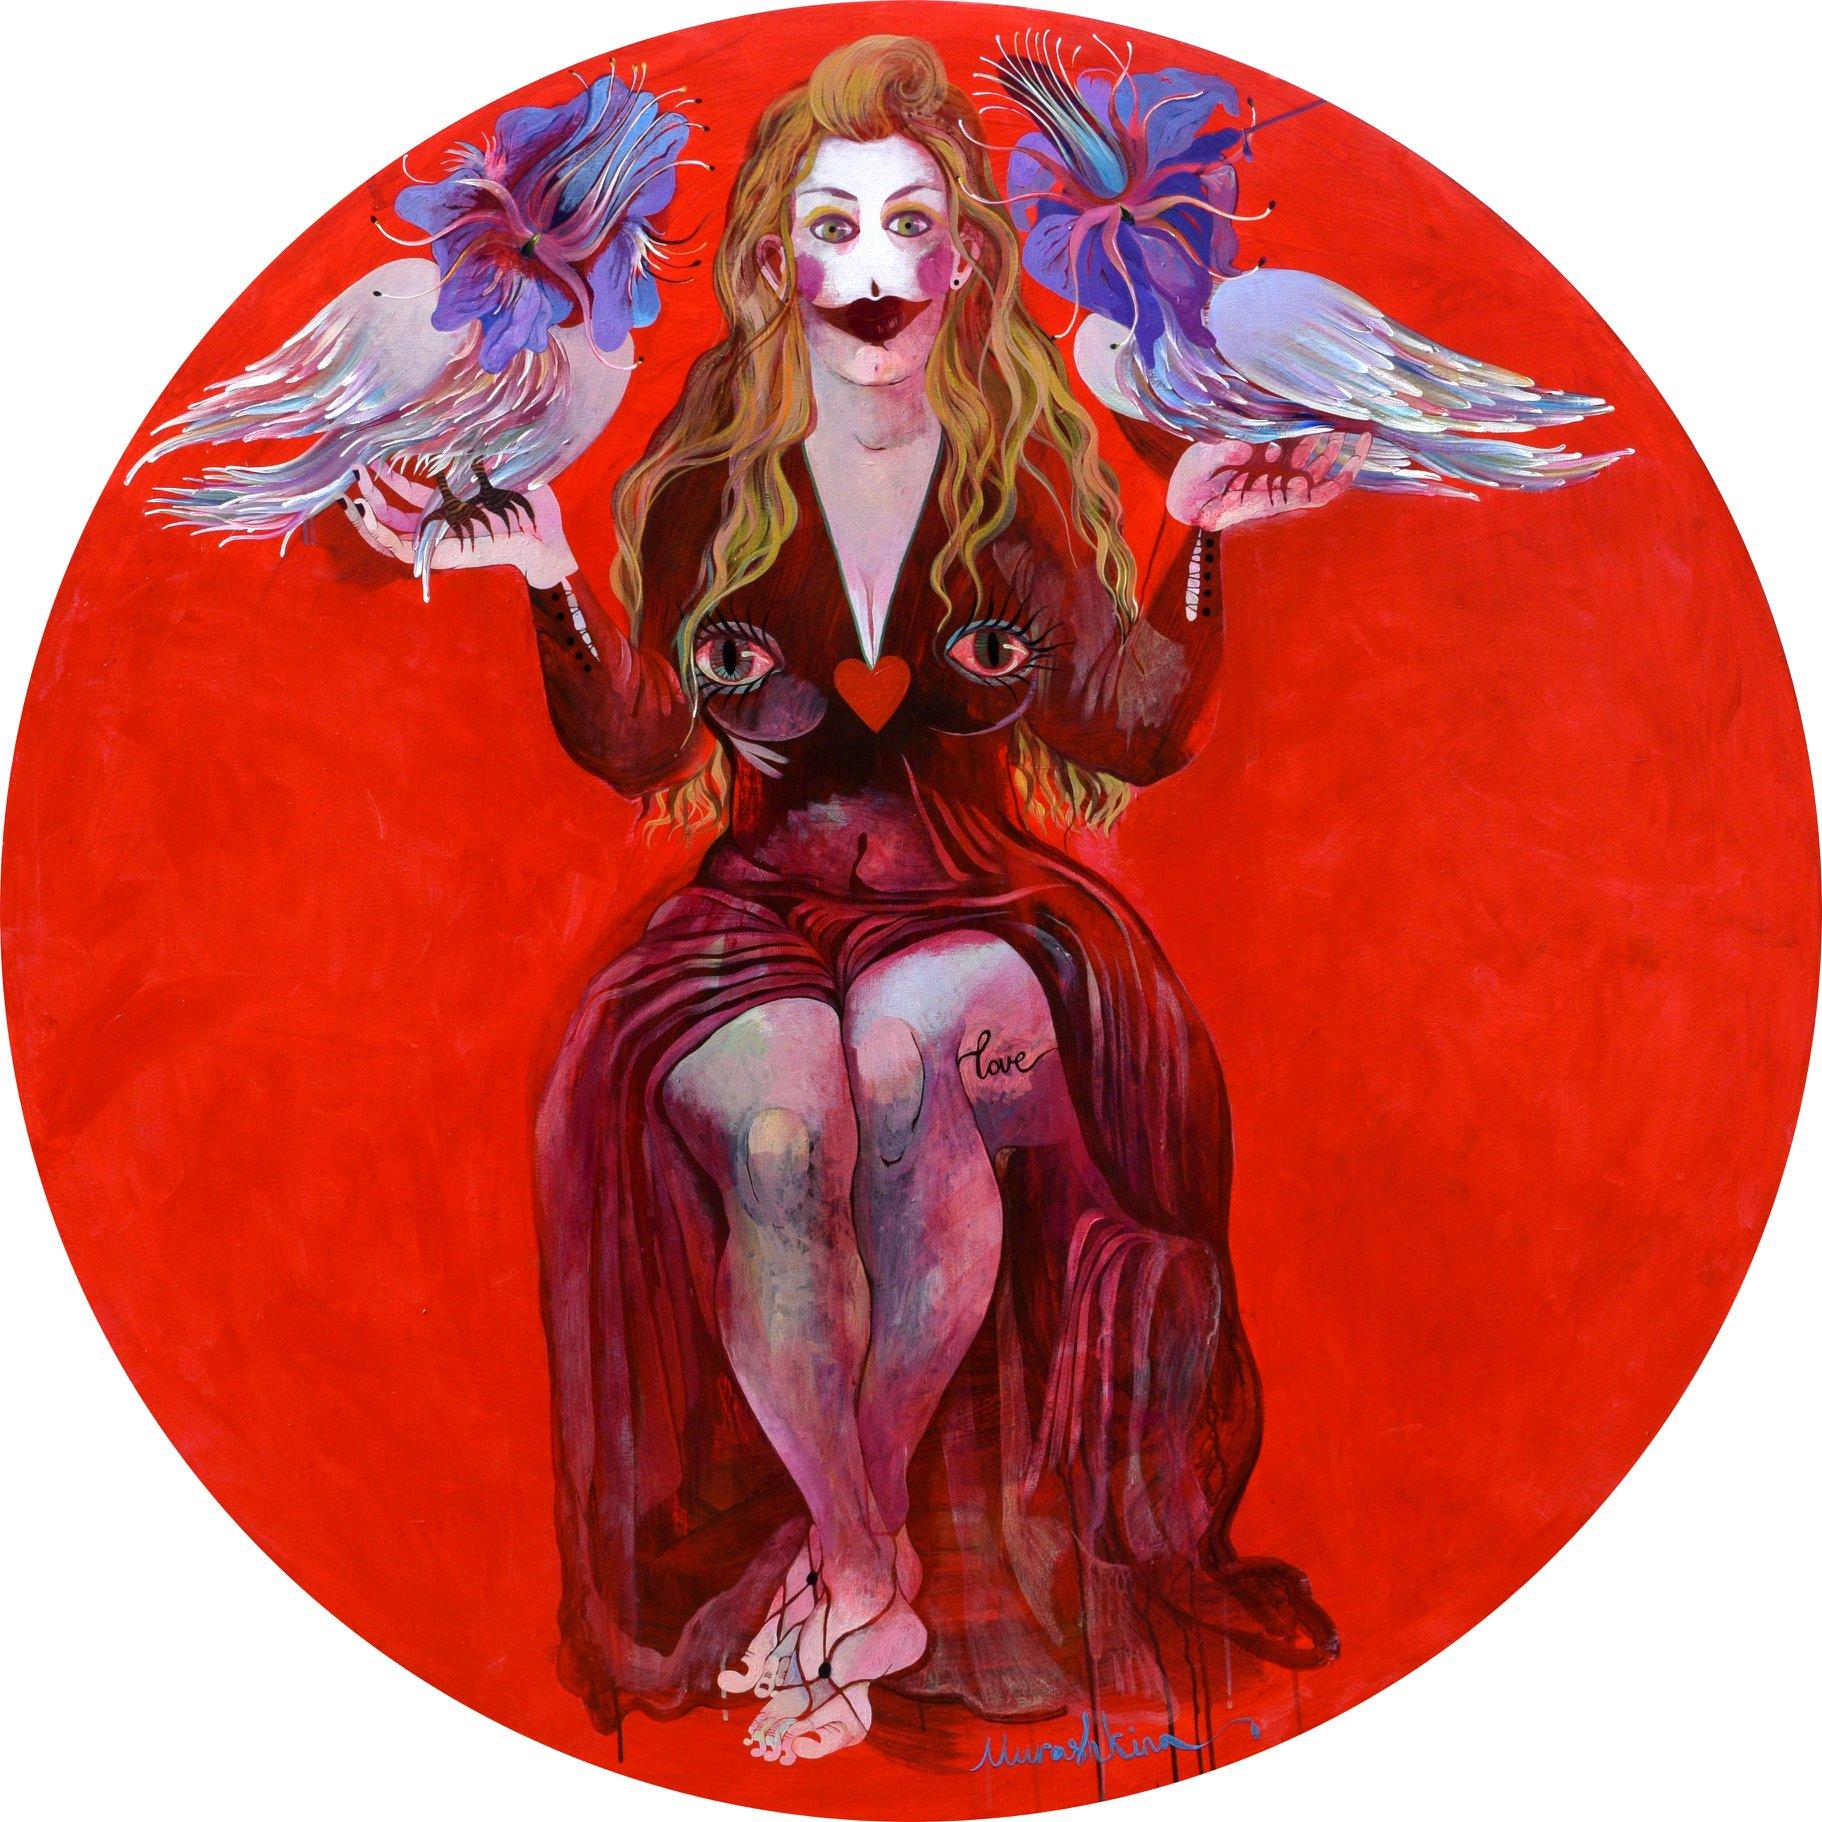 ТВОРЧЕСКОЕ ДОСЬЕ: украинская художница Нина Мурашкина — исследователь психологии сексуальности